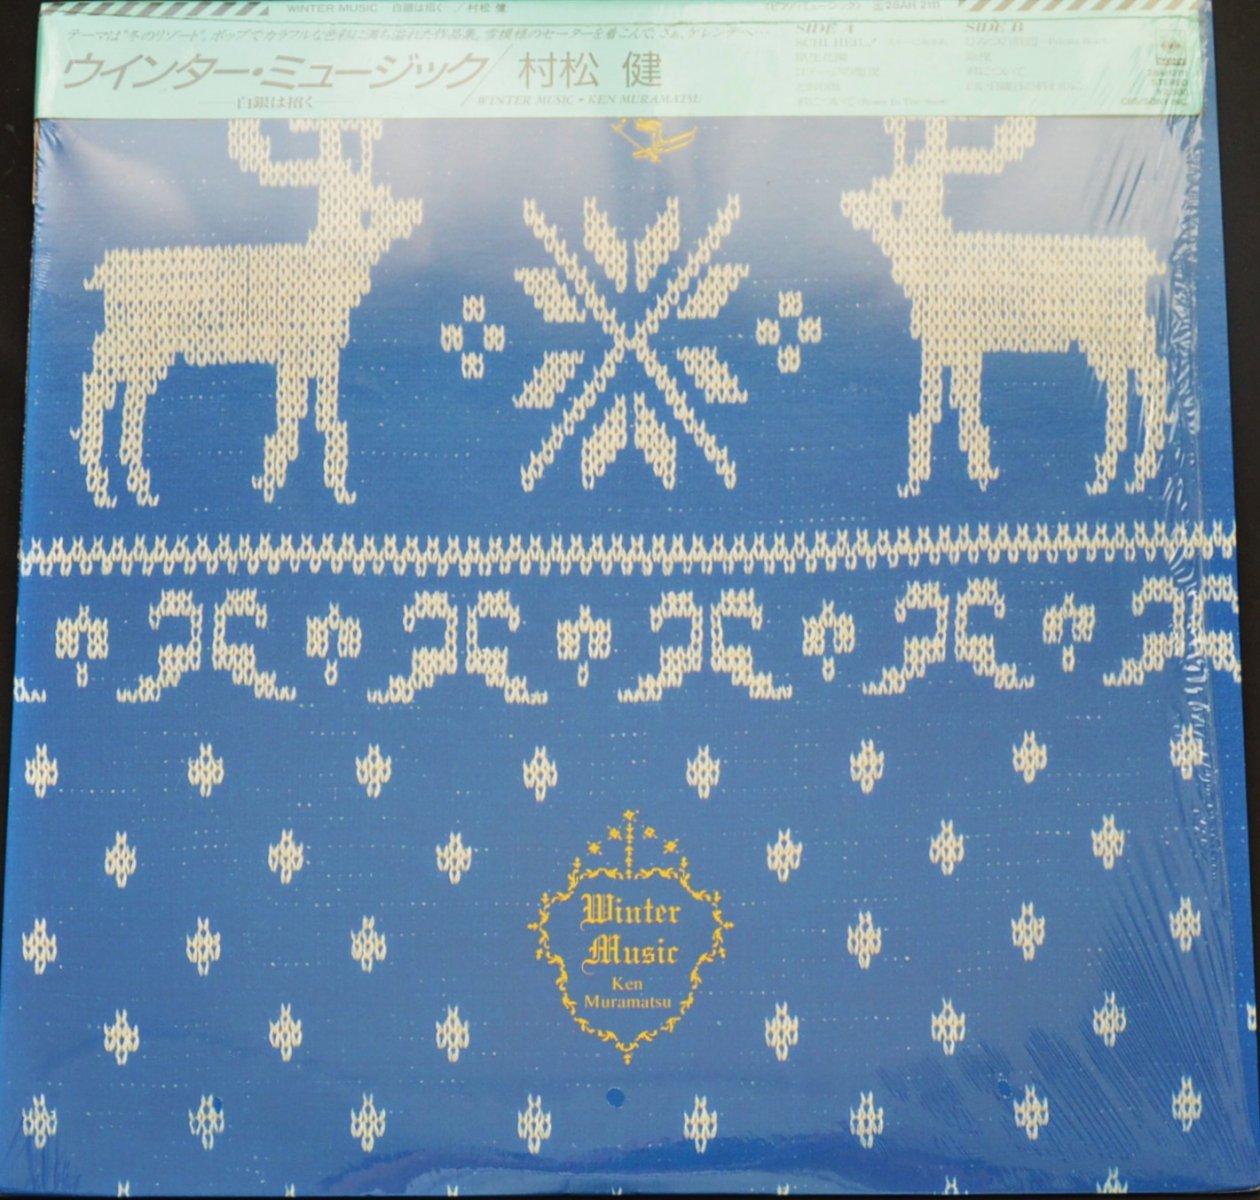 村松健 KEN MURAMATSU / ウインター・ミュージック WINTER MUSIC -白銀は招く- (LP)